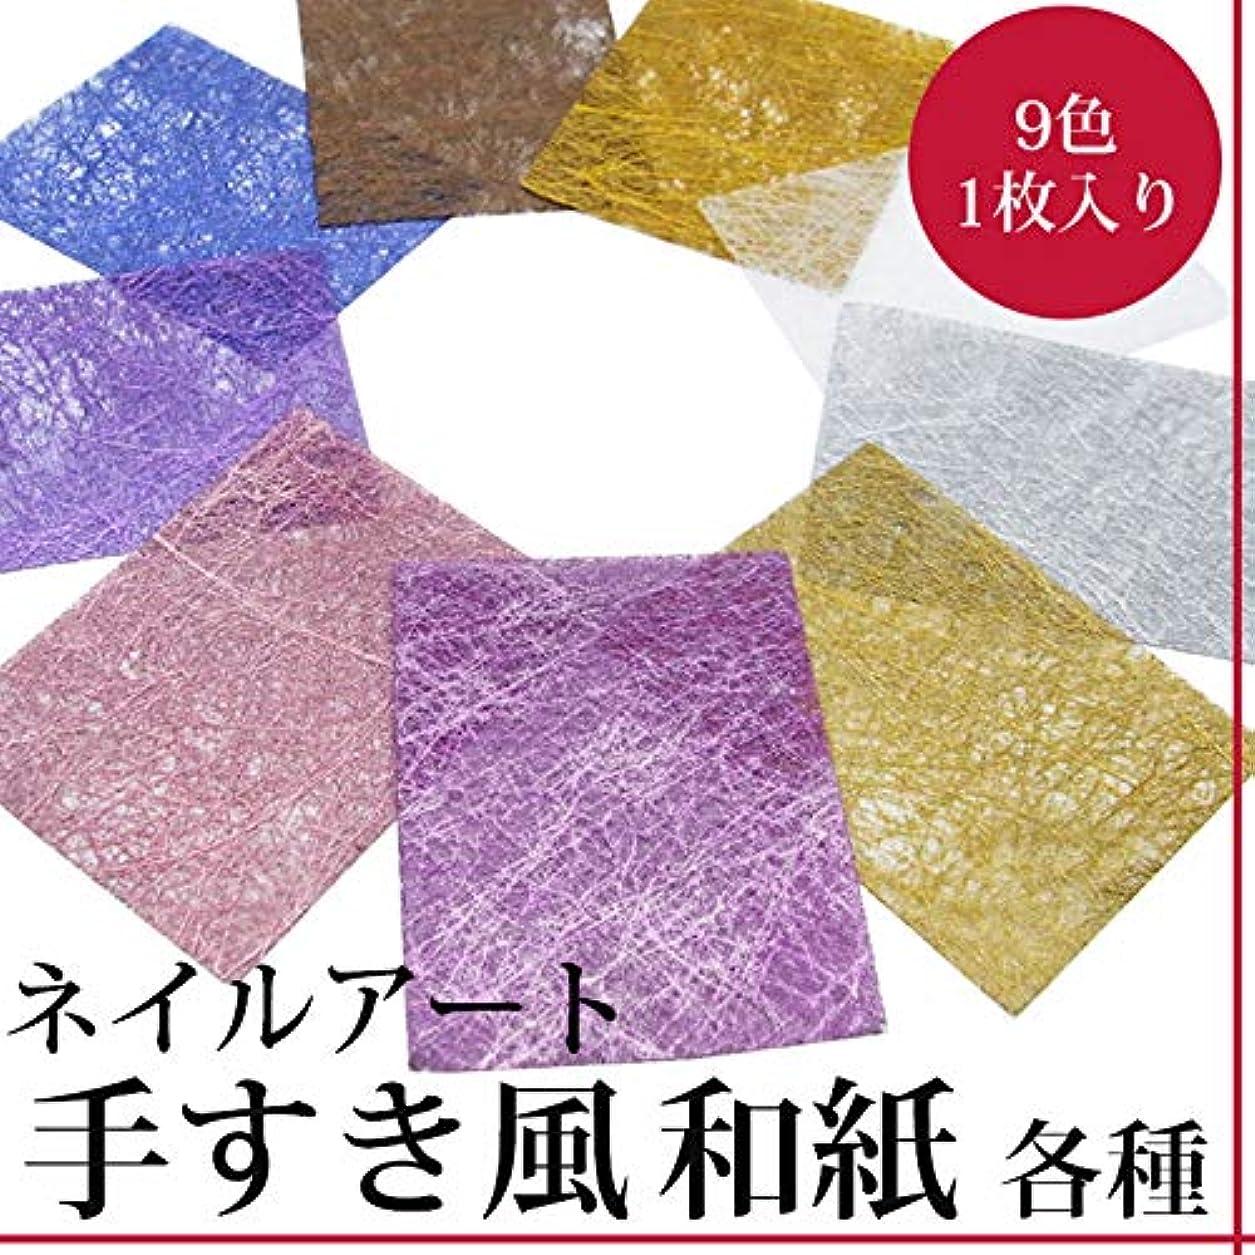 浴チーズ誤解を招くネイルアート 手すき風和紙 1枚 (8.むらさき色)